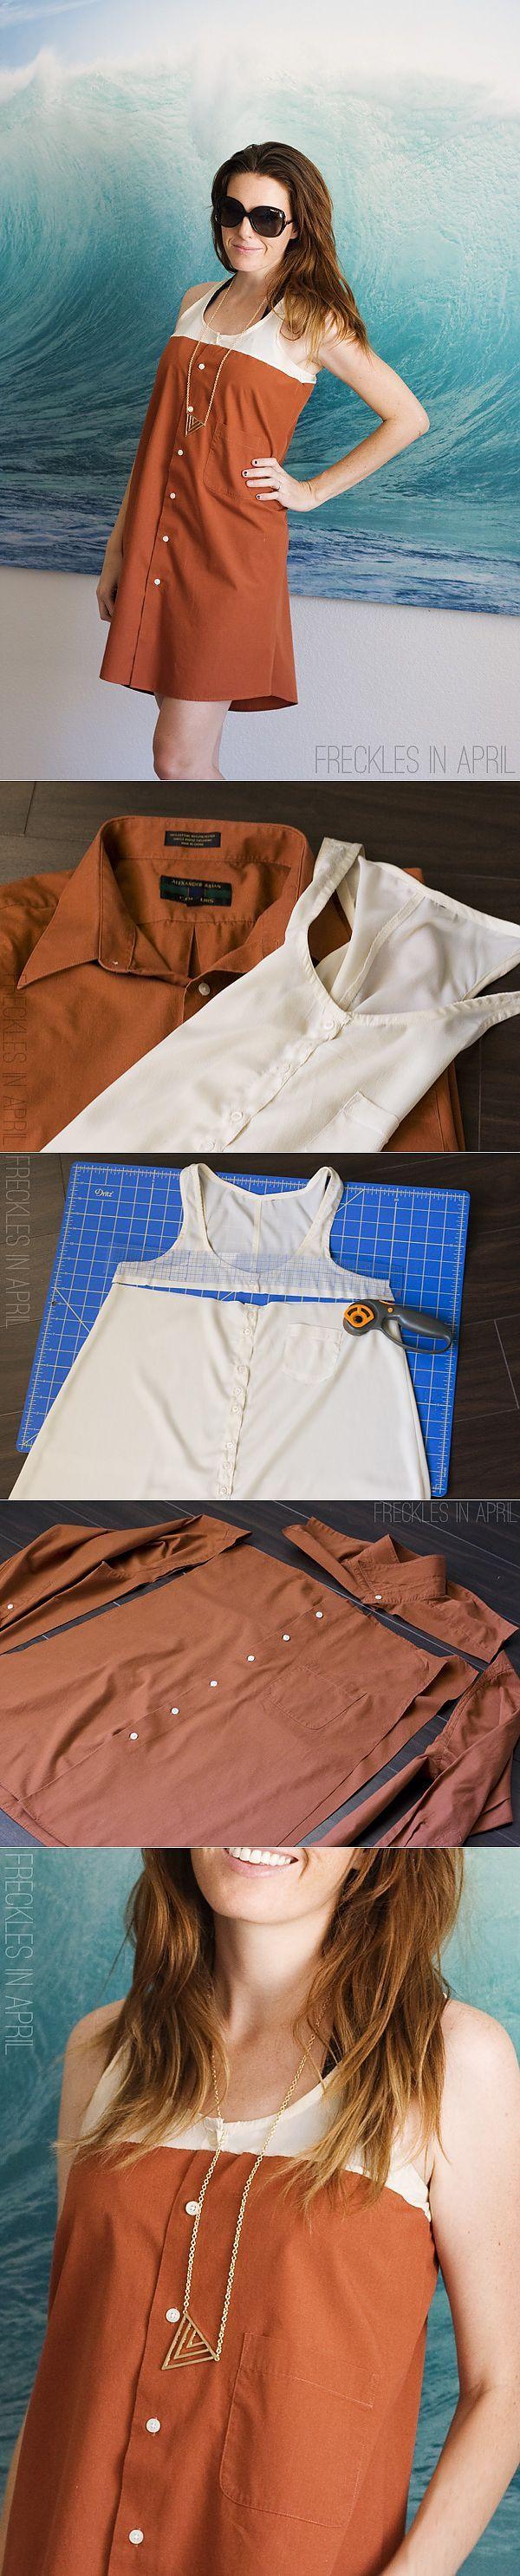 Evtl blümchenkleid mit blusenstoff/spitze kombinieren